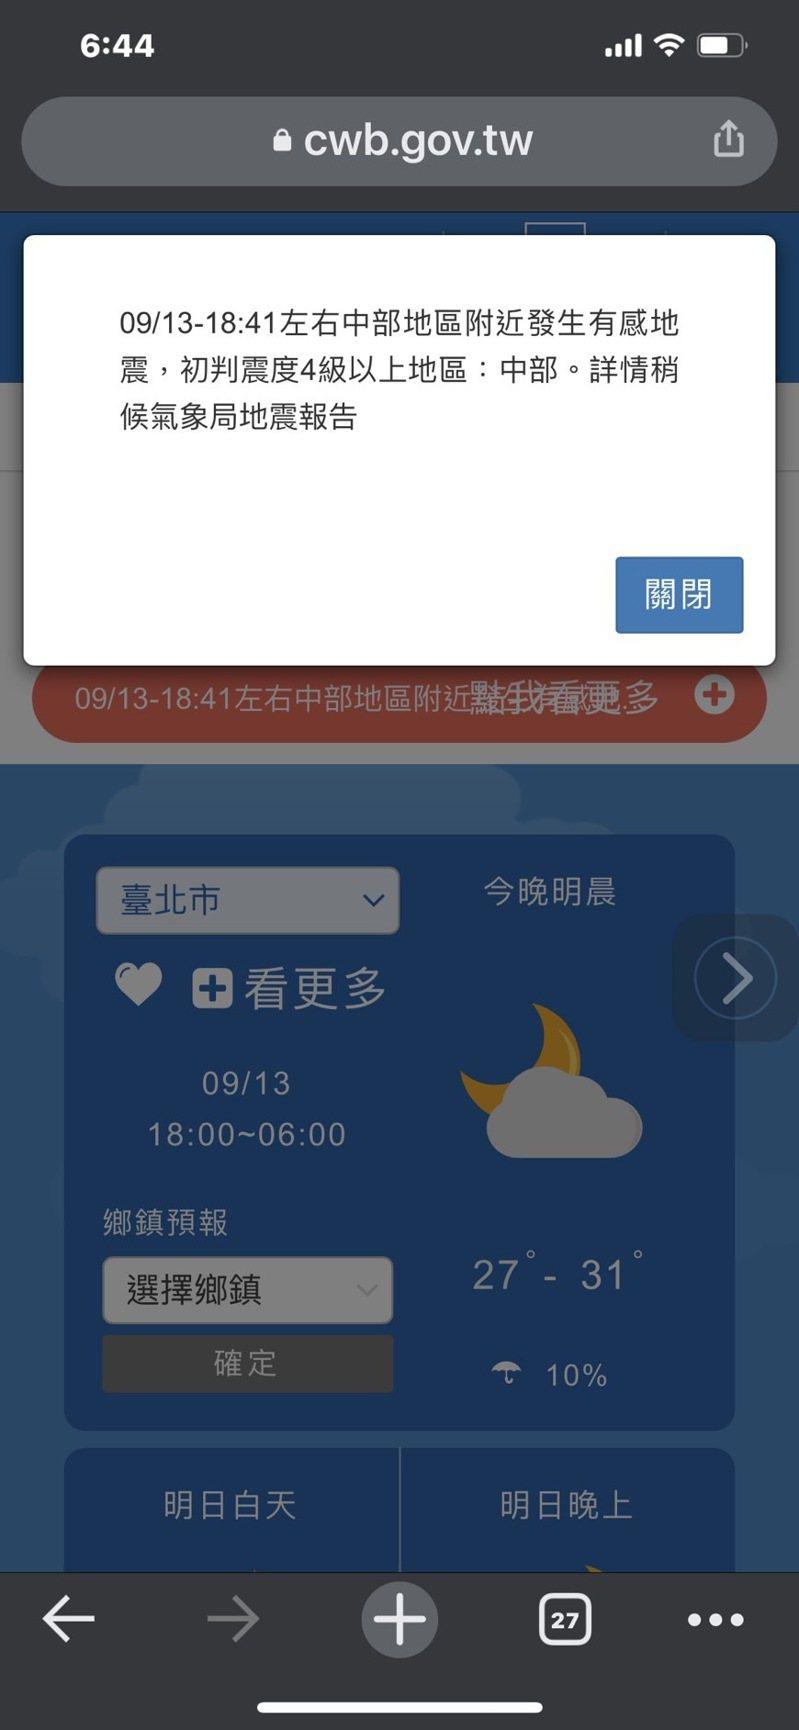 今晚6時41分南投縣仁愛鄉傳出規模5.6的地震,台中市感受的明顯搖晃。圖/摘自中央氣象局